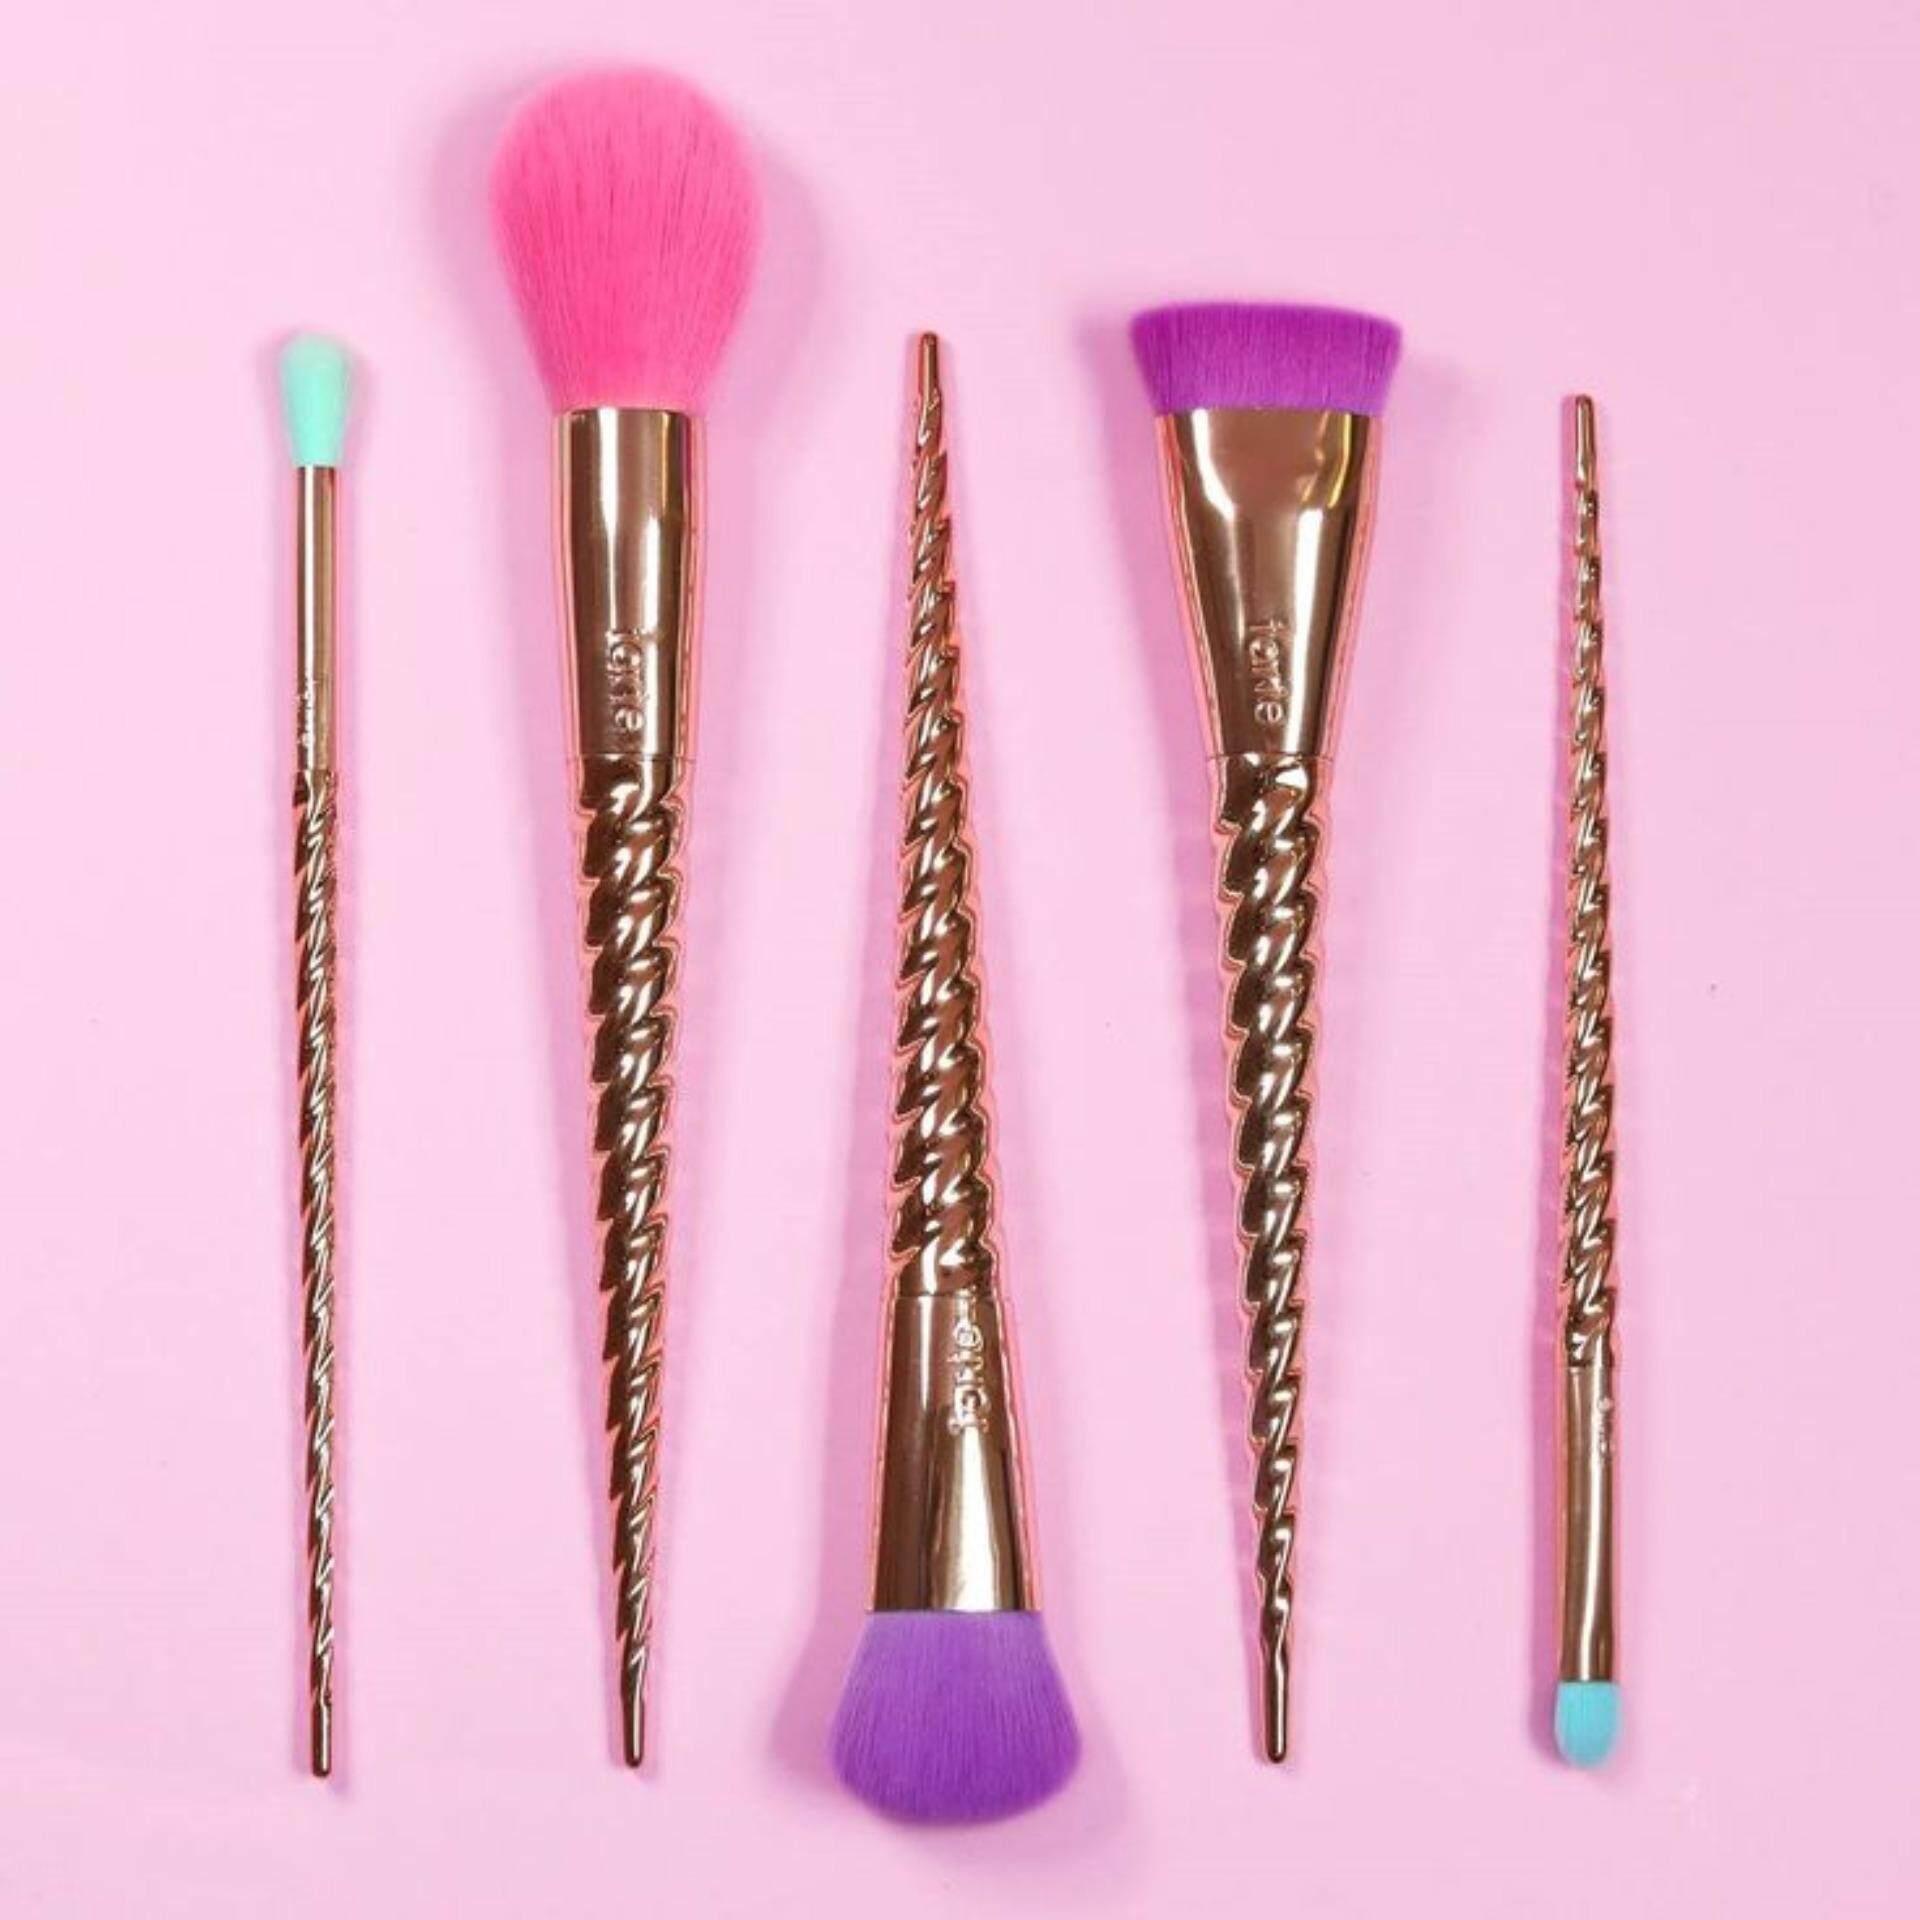 Tarte Magic Wands Brush Set Inspired